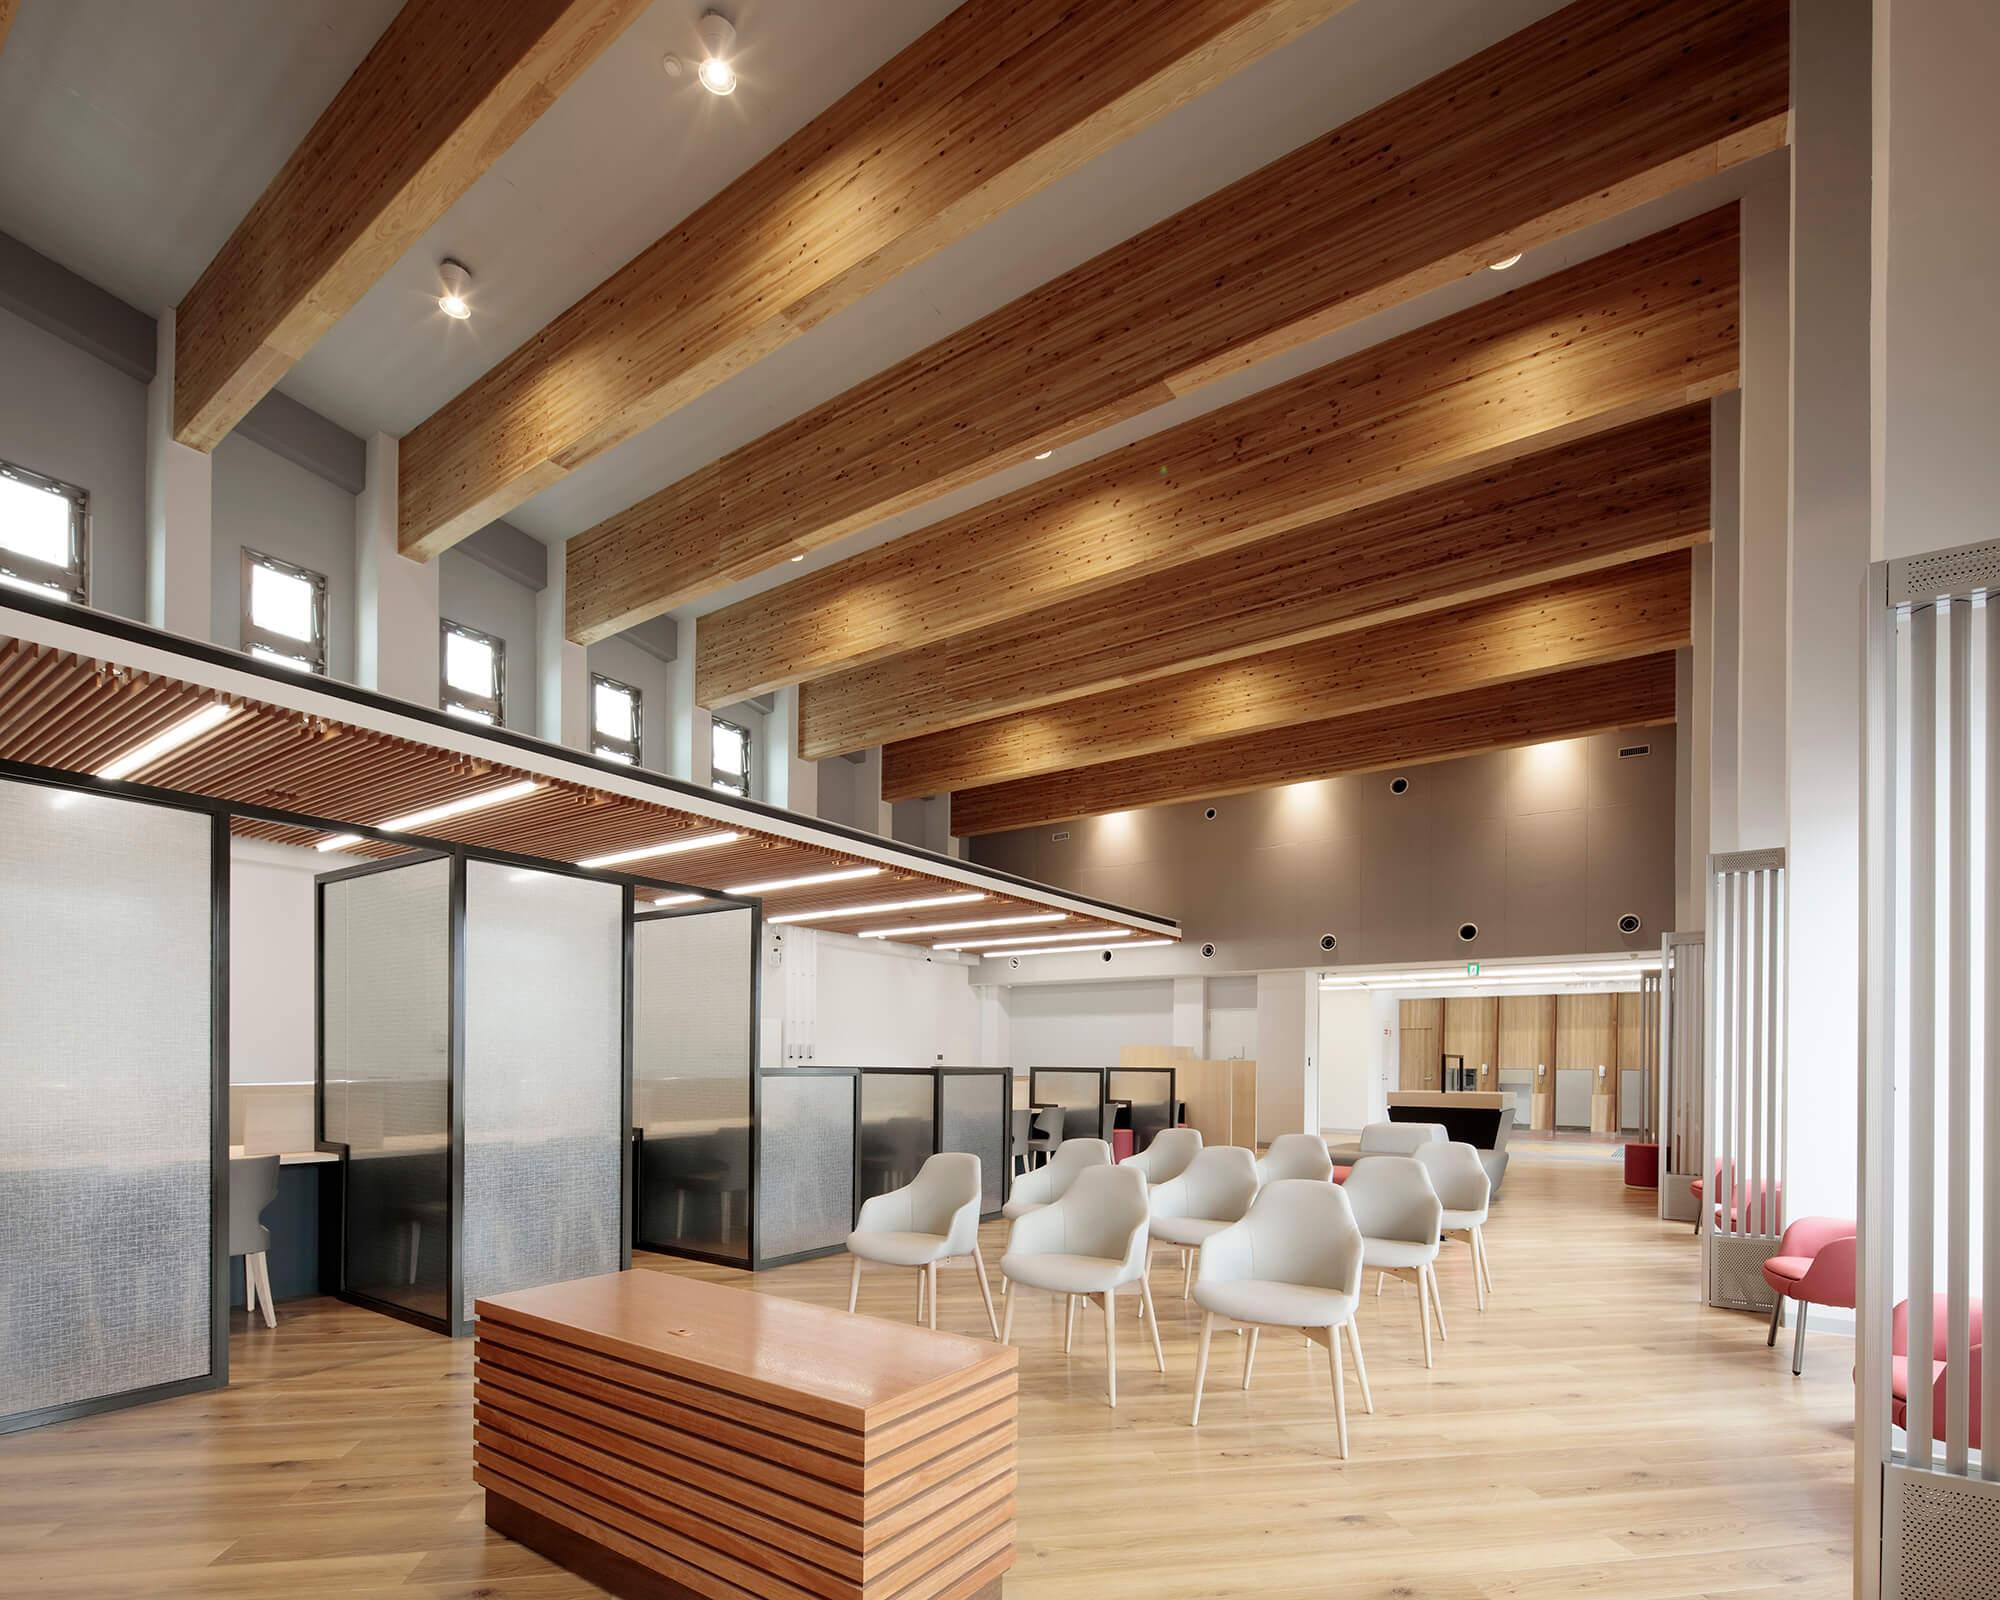 木造建築の施工事例:琉球銀行 本部支店 4枚目